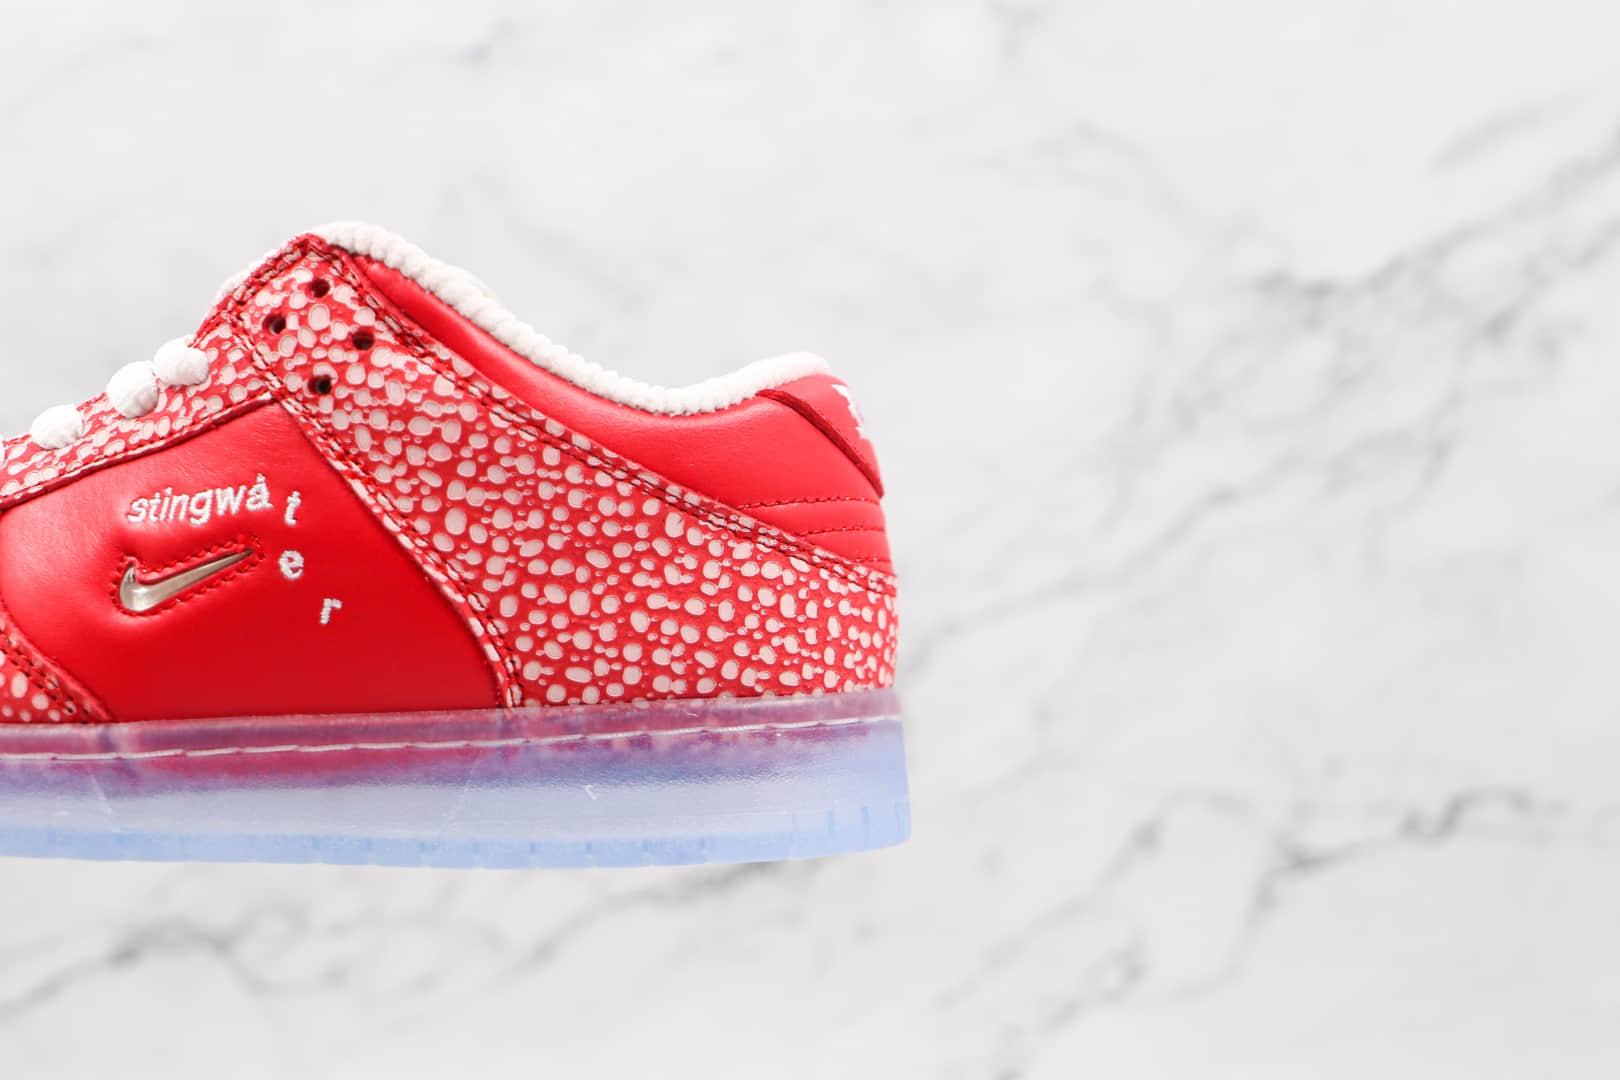 耐克Nike SB Dunk Low Magic Mushroom x Stingwater联名款纯原版本低帮SB DUNK红白迷幻蘑菇斑点板鞋内置气垫 货号:DH7650-600